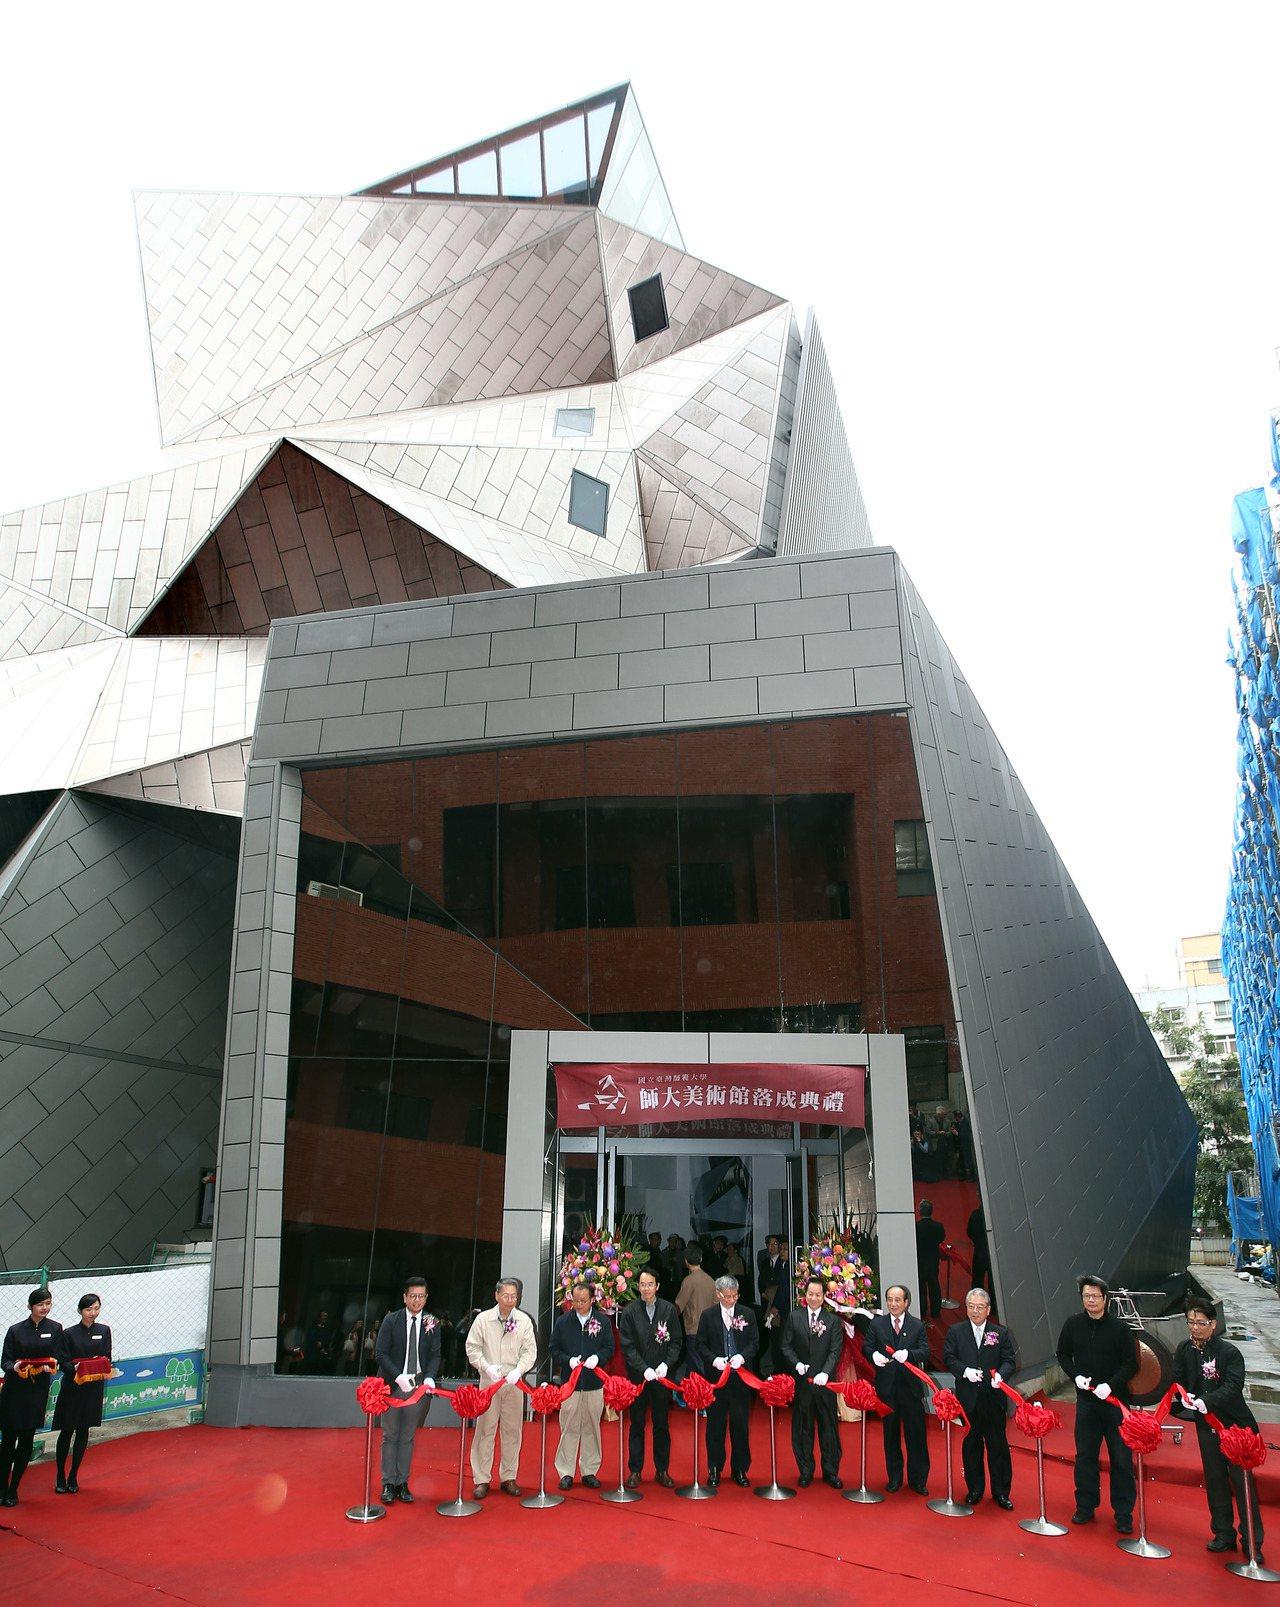 台灣師範大學近年在台北市青田街巷弄興建美術館,外觀引起建築界異見。本報資料照片